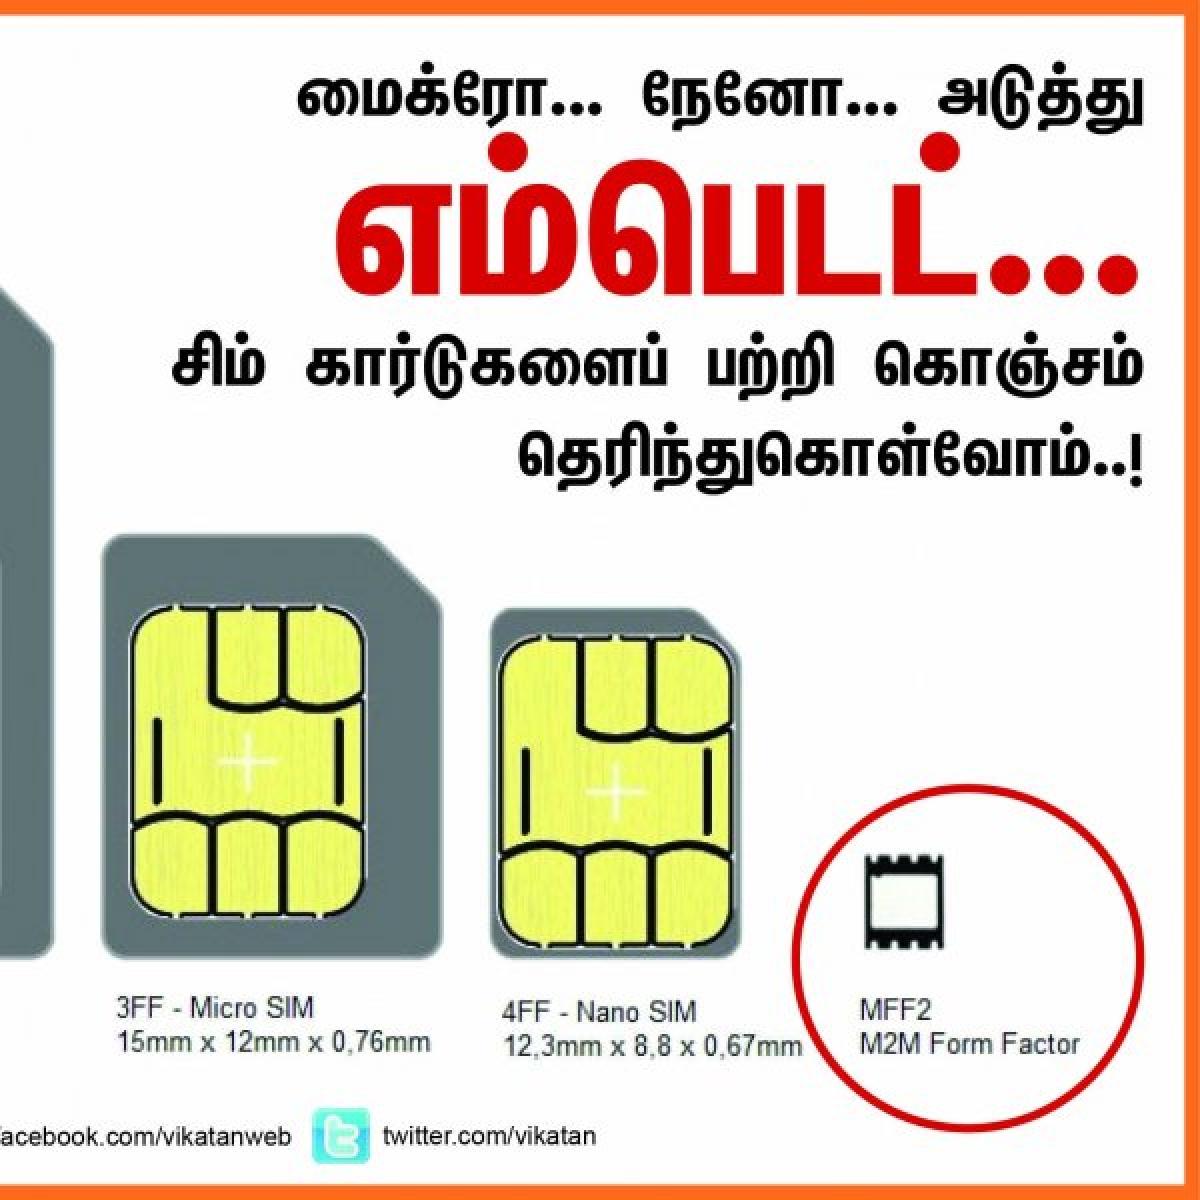 மைக்ரோ... நேனோ... அடுத்து எம்பெடட்... சிம் கார்டுகளைப் பற்றி கொஞ்சம் தெரிந்துகொள்வோம்..! #VikatanPhotoCards